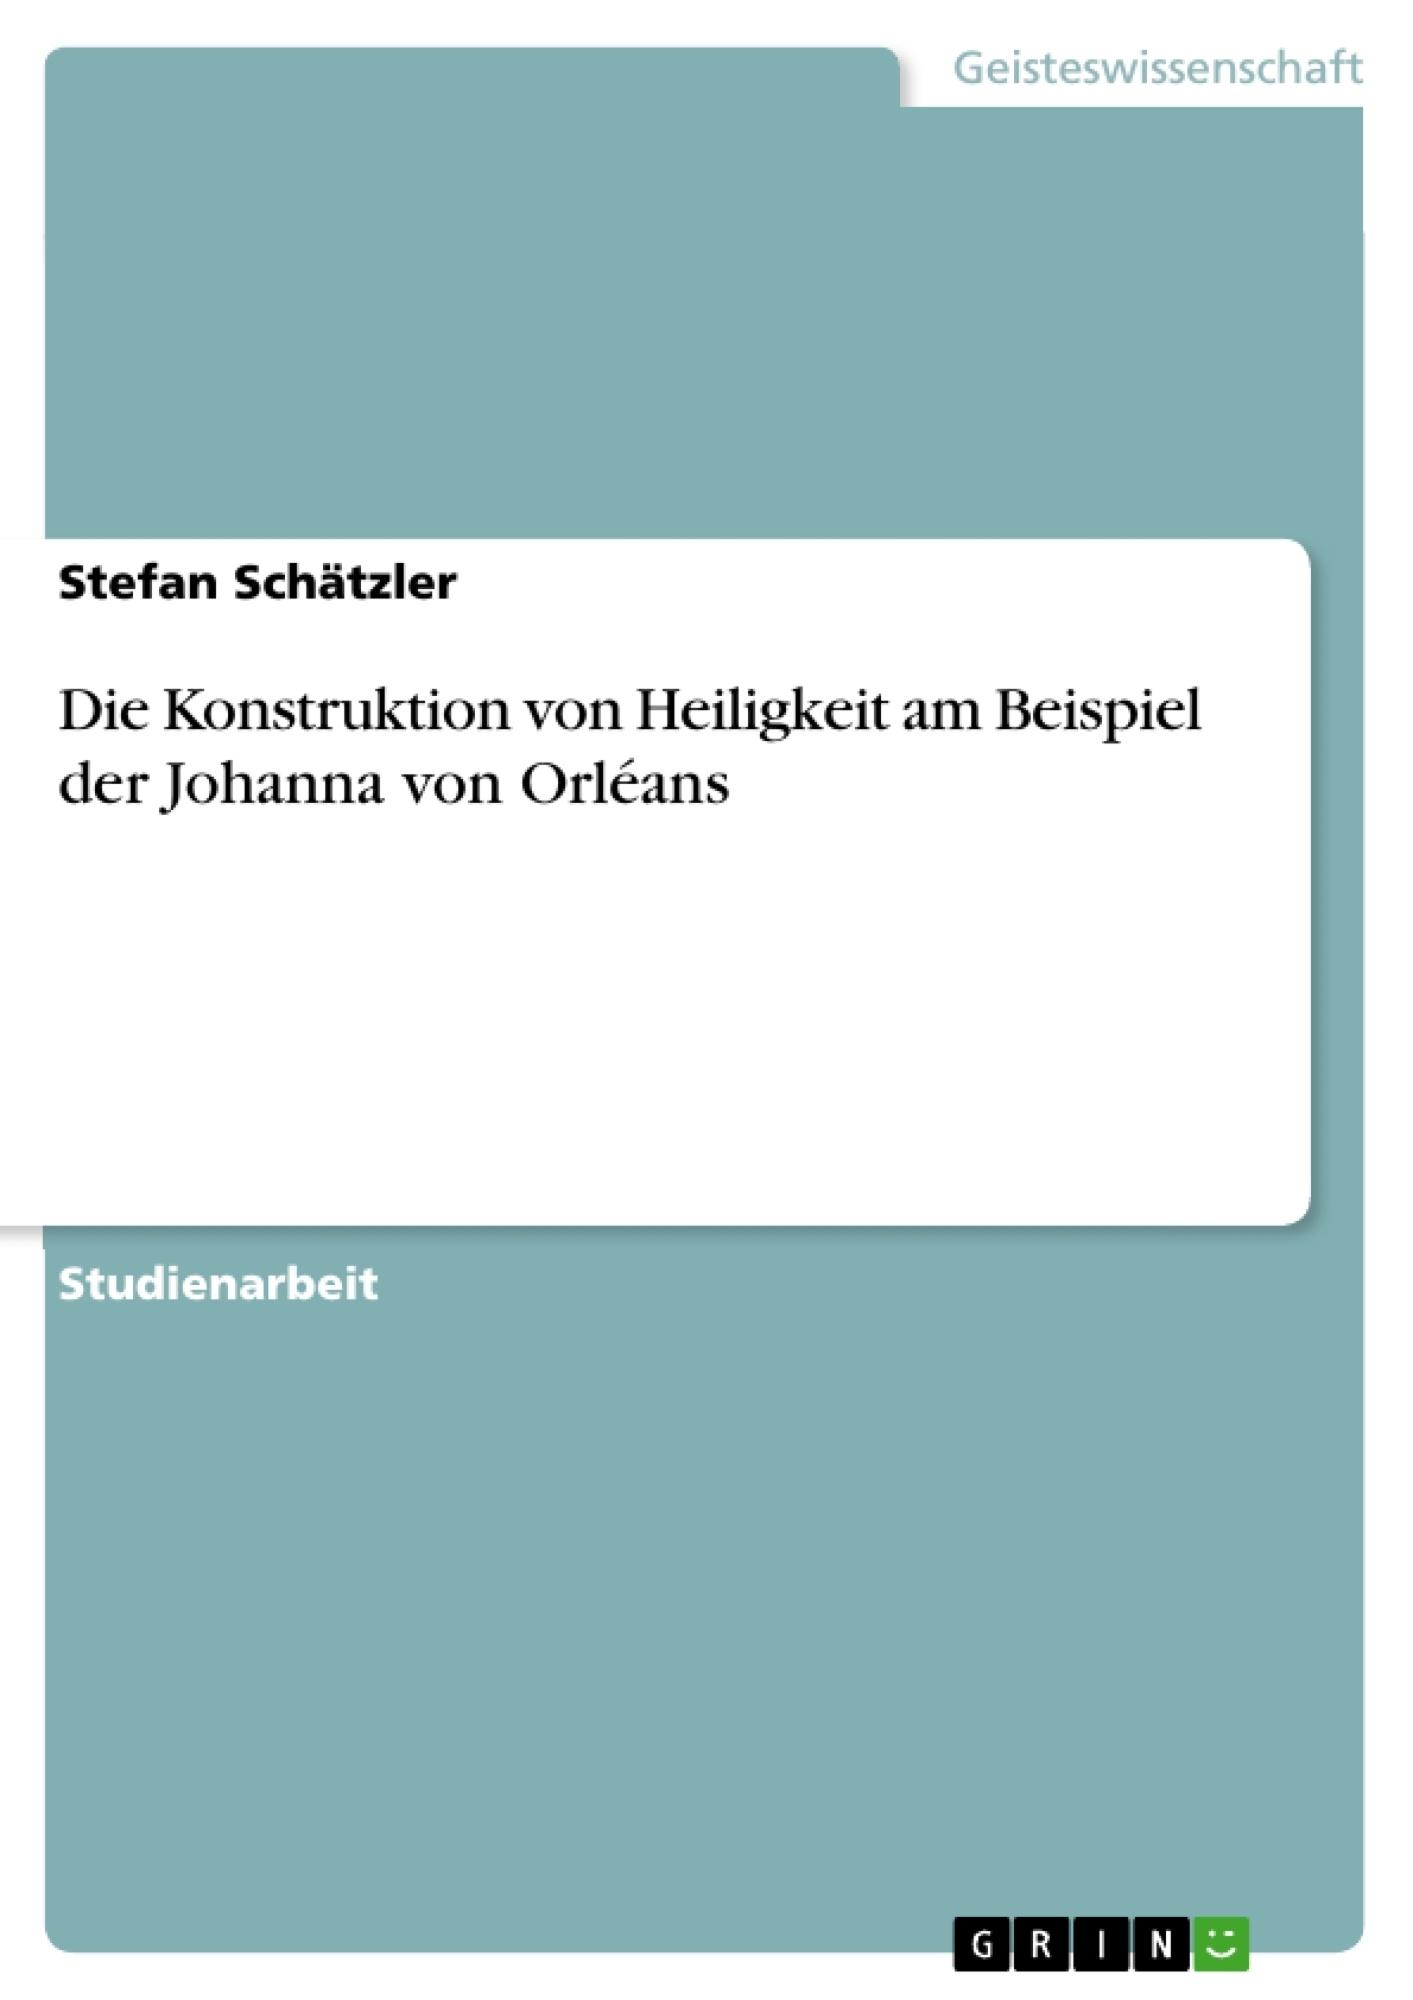 Titel: Die Konstruktion von Heiligkeit am Beispiel der Johanna von Orléans